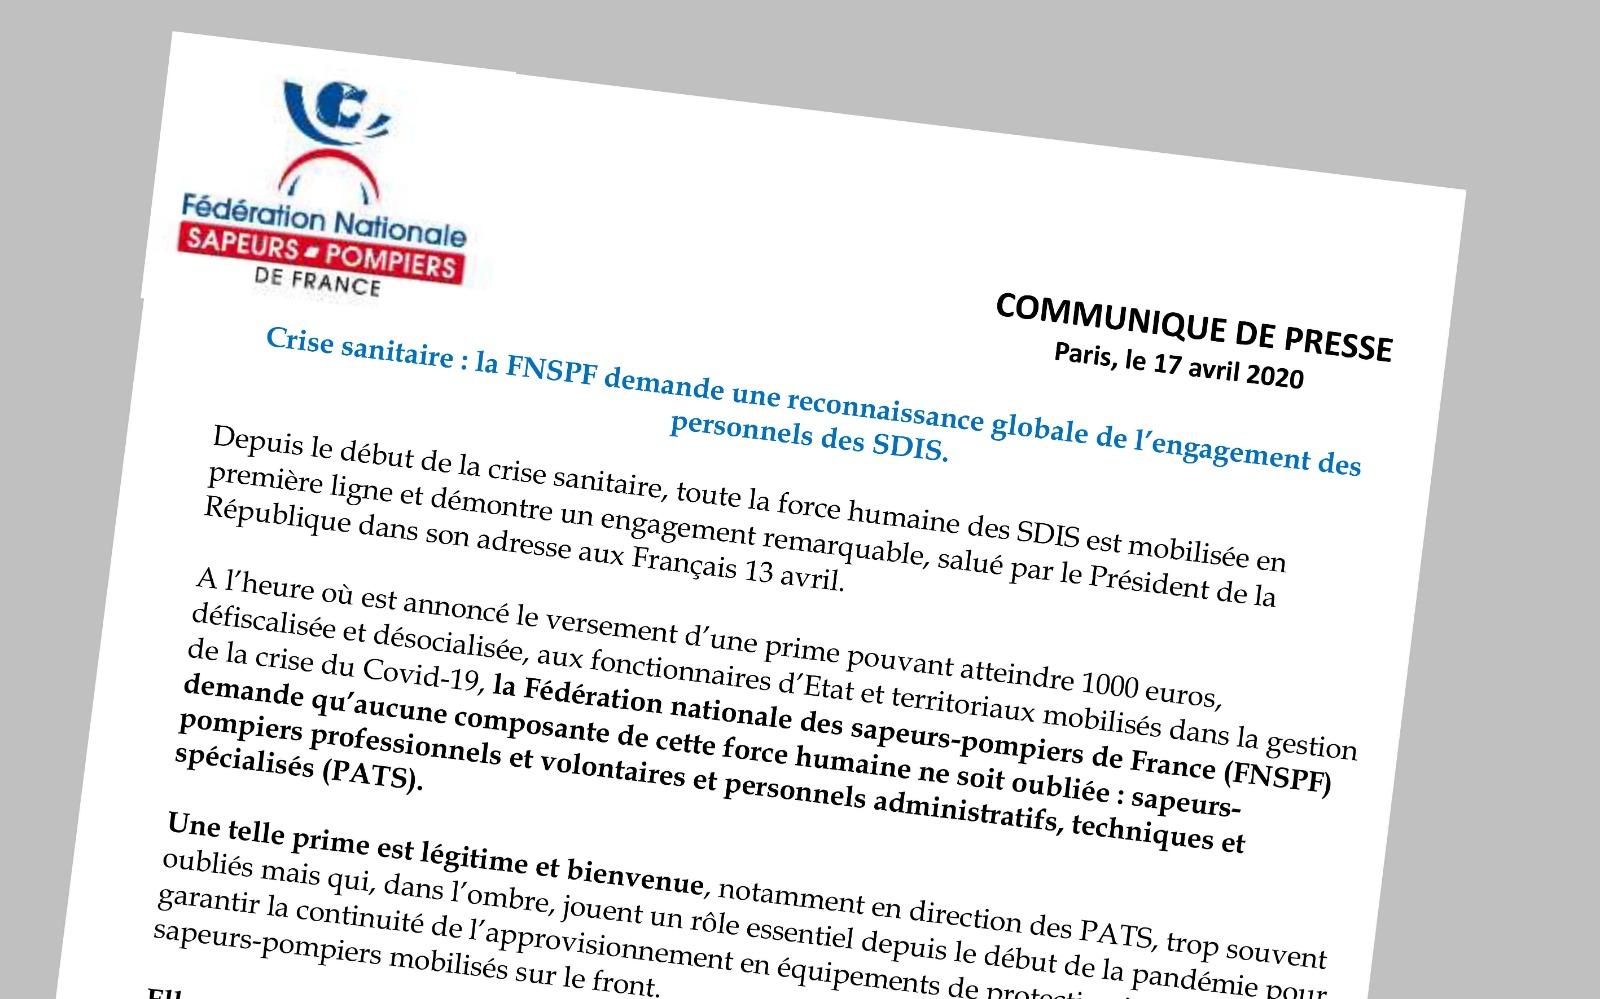 Crise sanitaire : la FNSPF demande une reconnaissance globale de l'engagement des personnels des SDIS